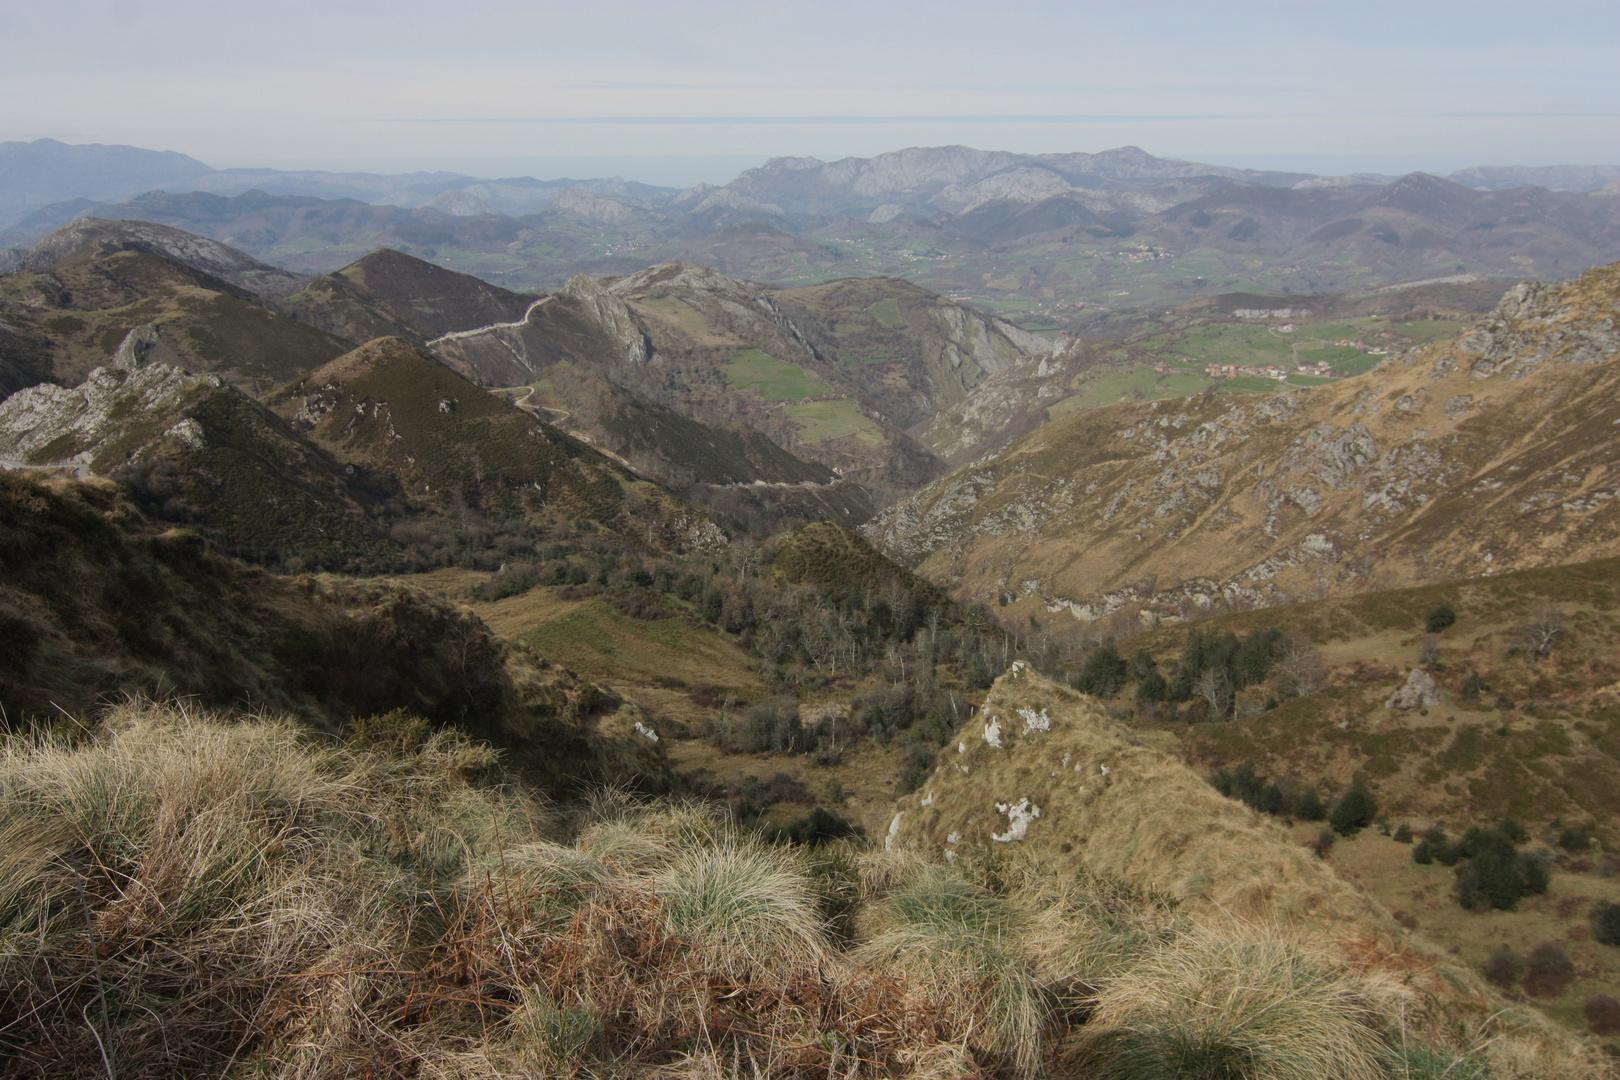 naturaleza de excepción entre bosques y montañas